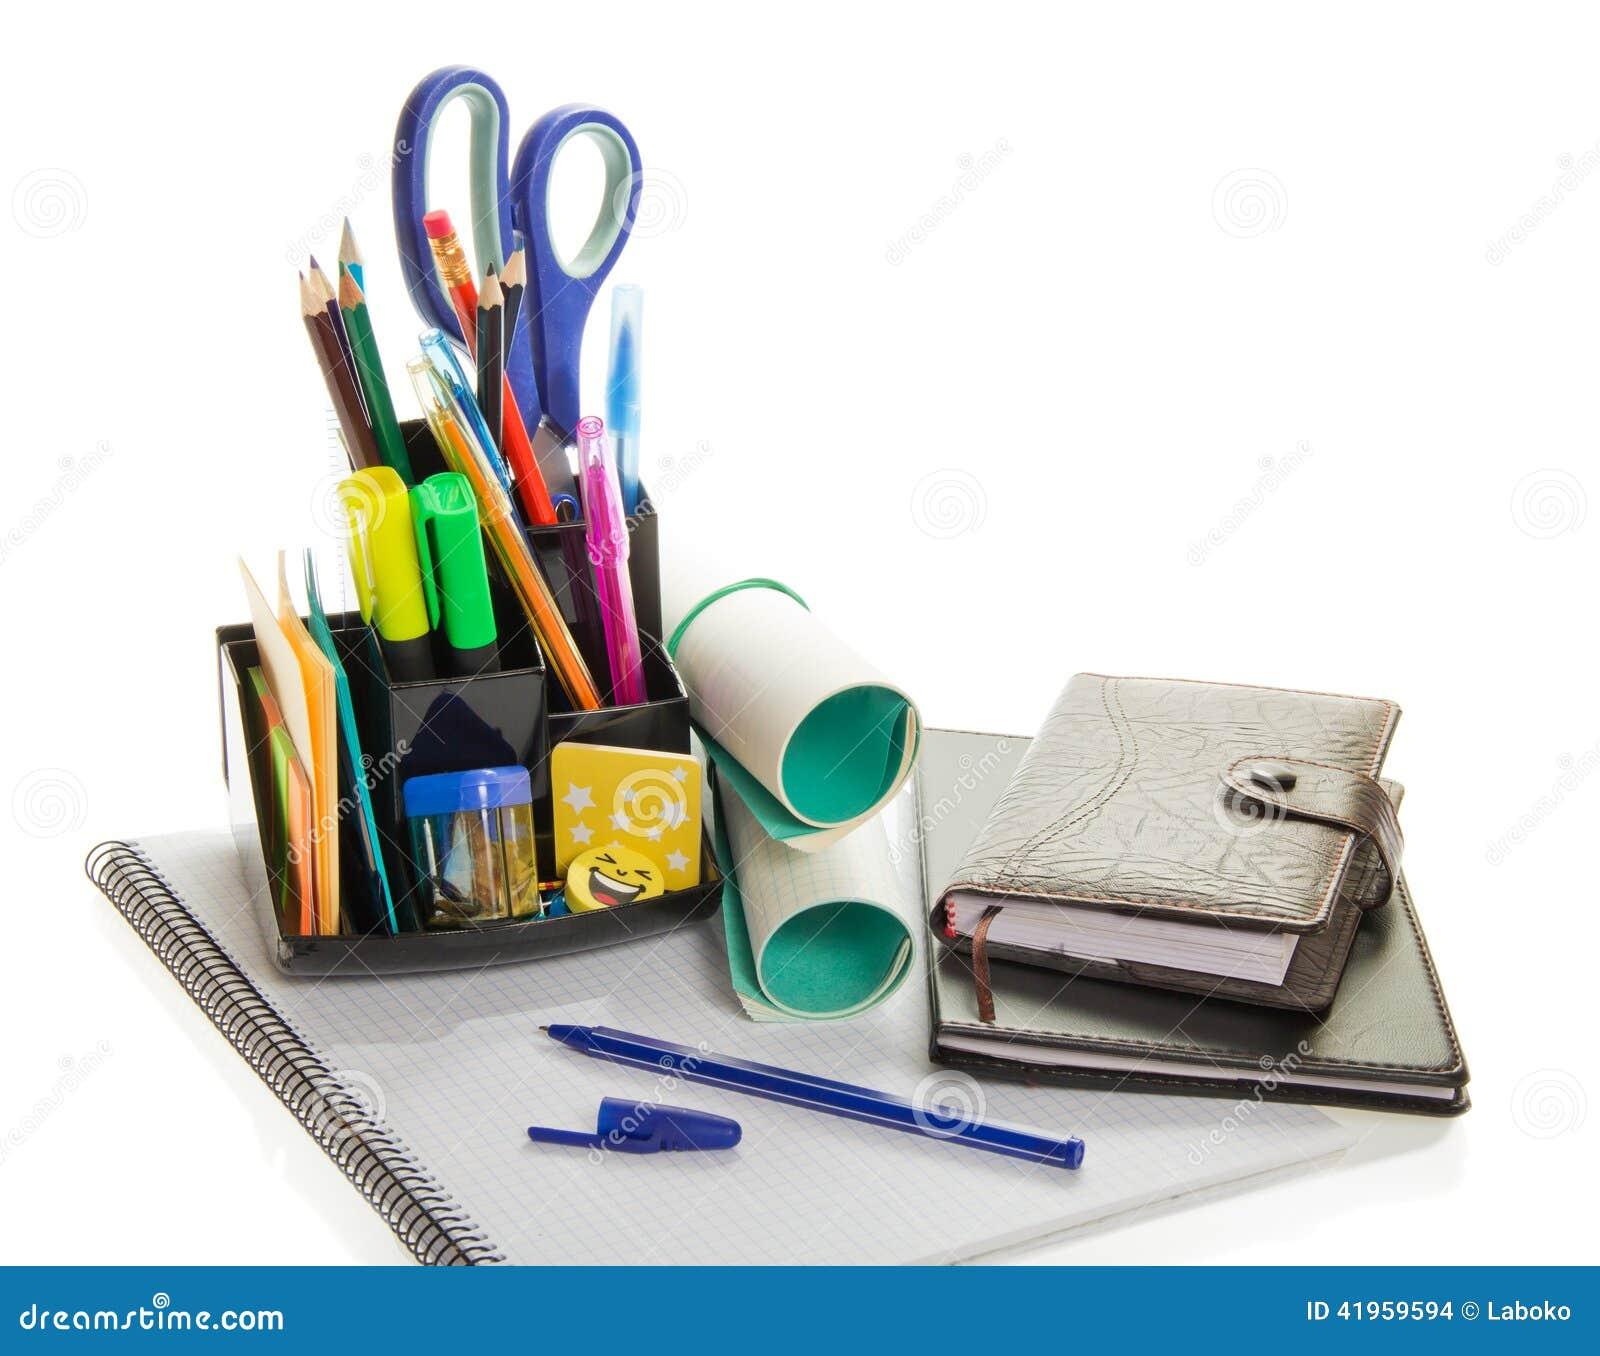 Planificador diario material de oficina y la libreta for Material de oficina